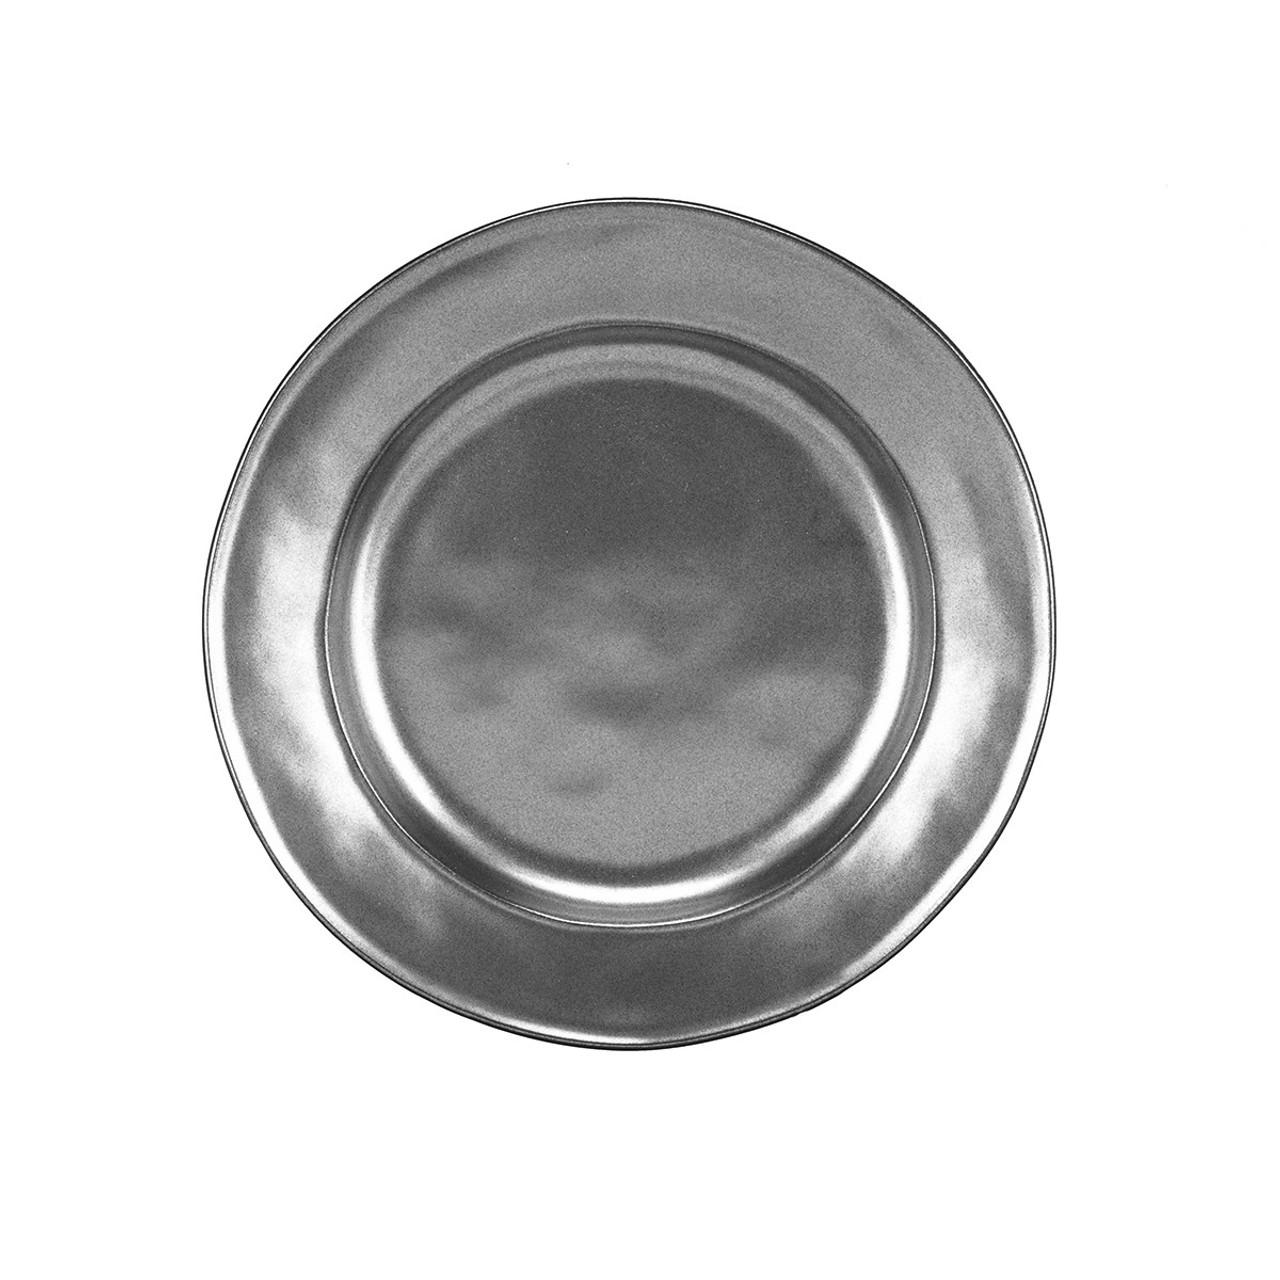 Juliska Pewter Stoneware Round Charger KP09X//91